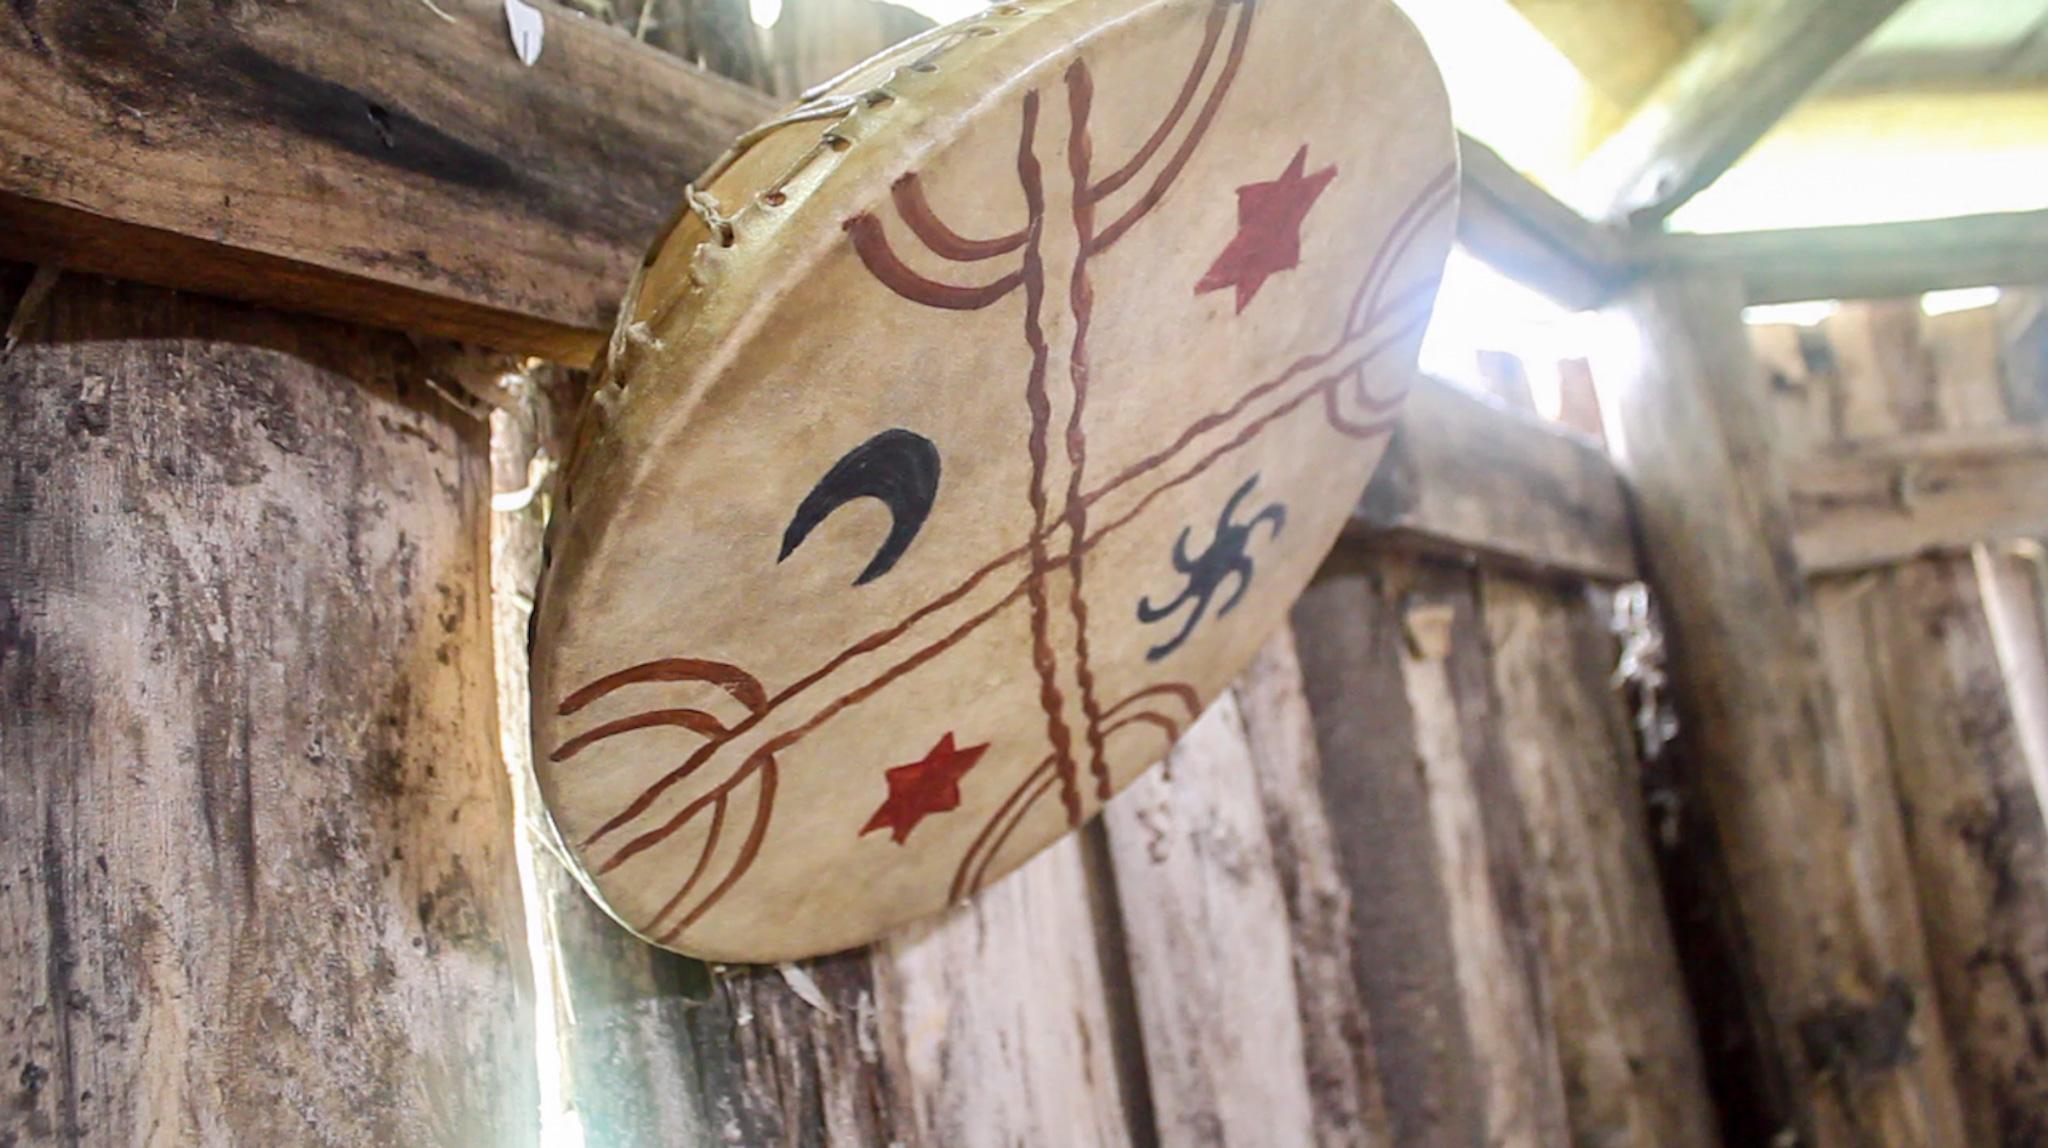 Declaración Pública de Iglesias Evangélicas – Una solución urgente para el Pueblo Mapuche